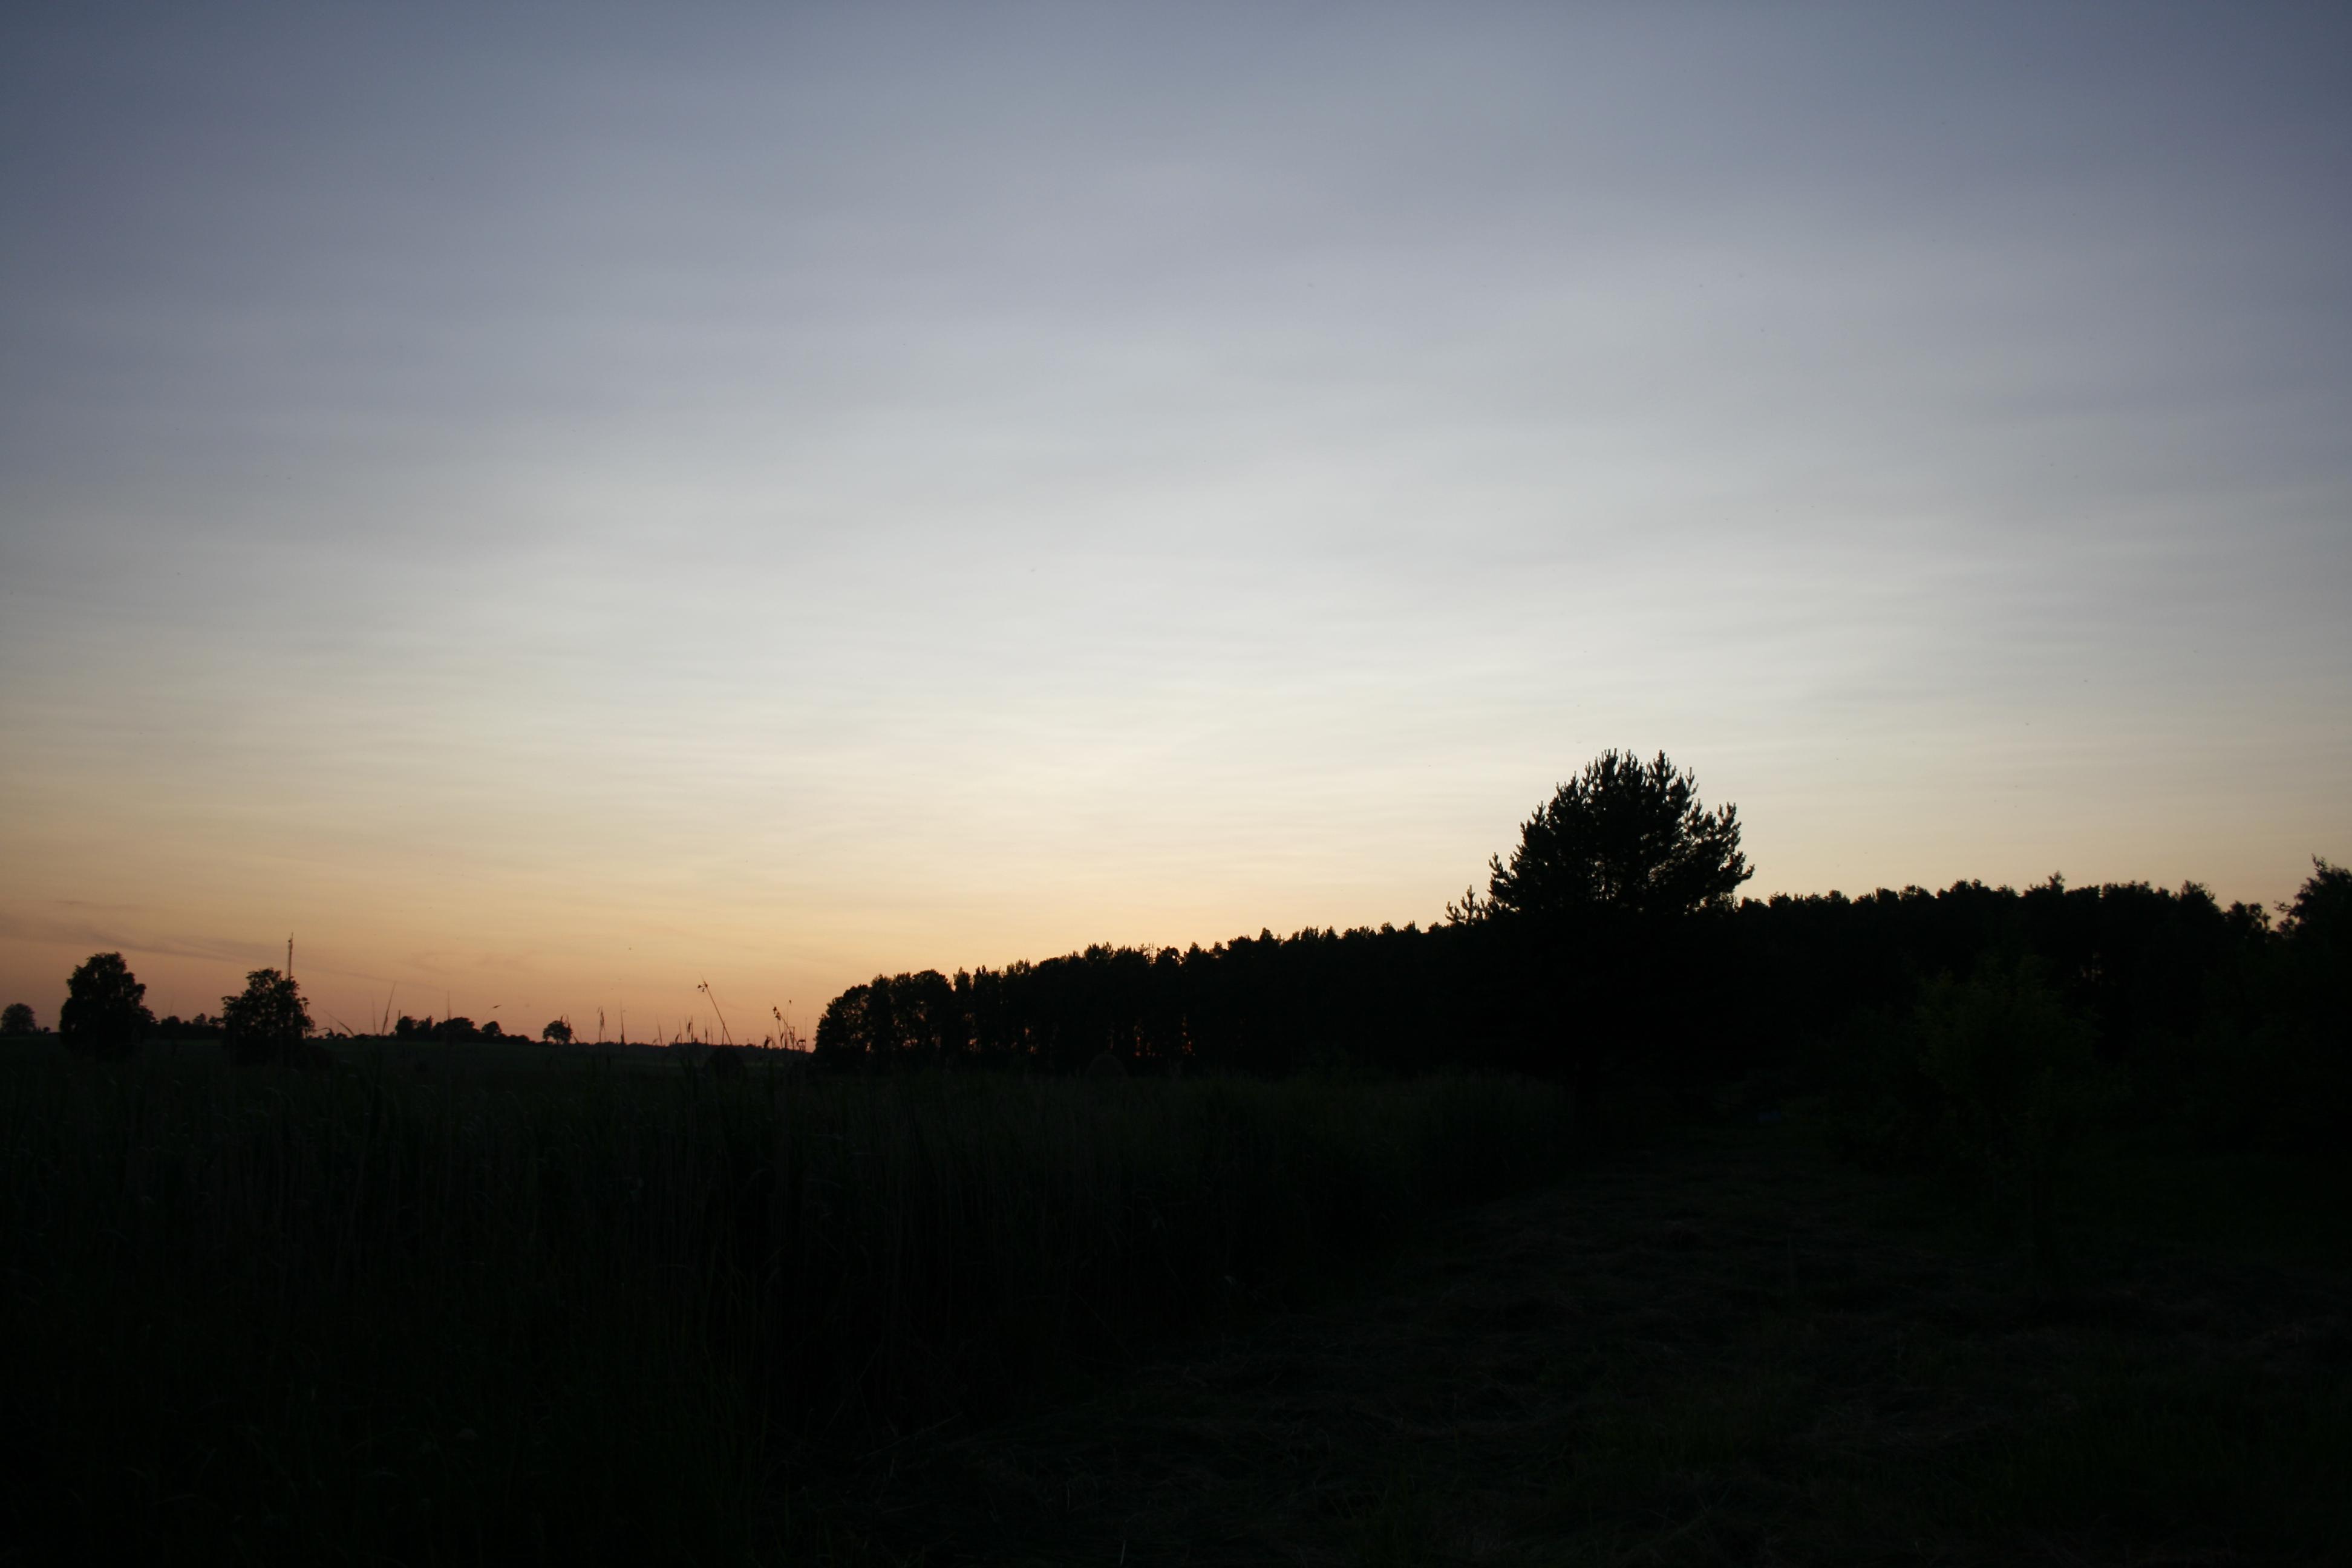 Vulkānisko pelnu saulriets Aucē 2.jūlijā